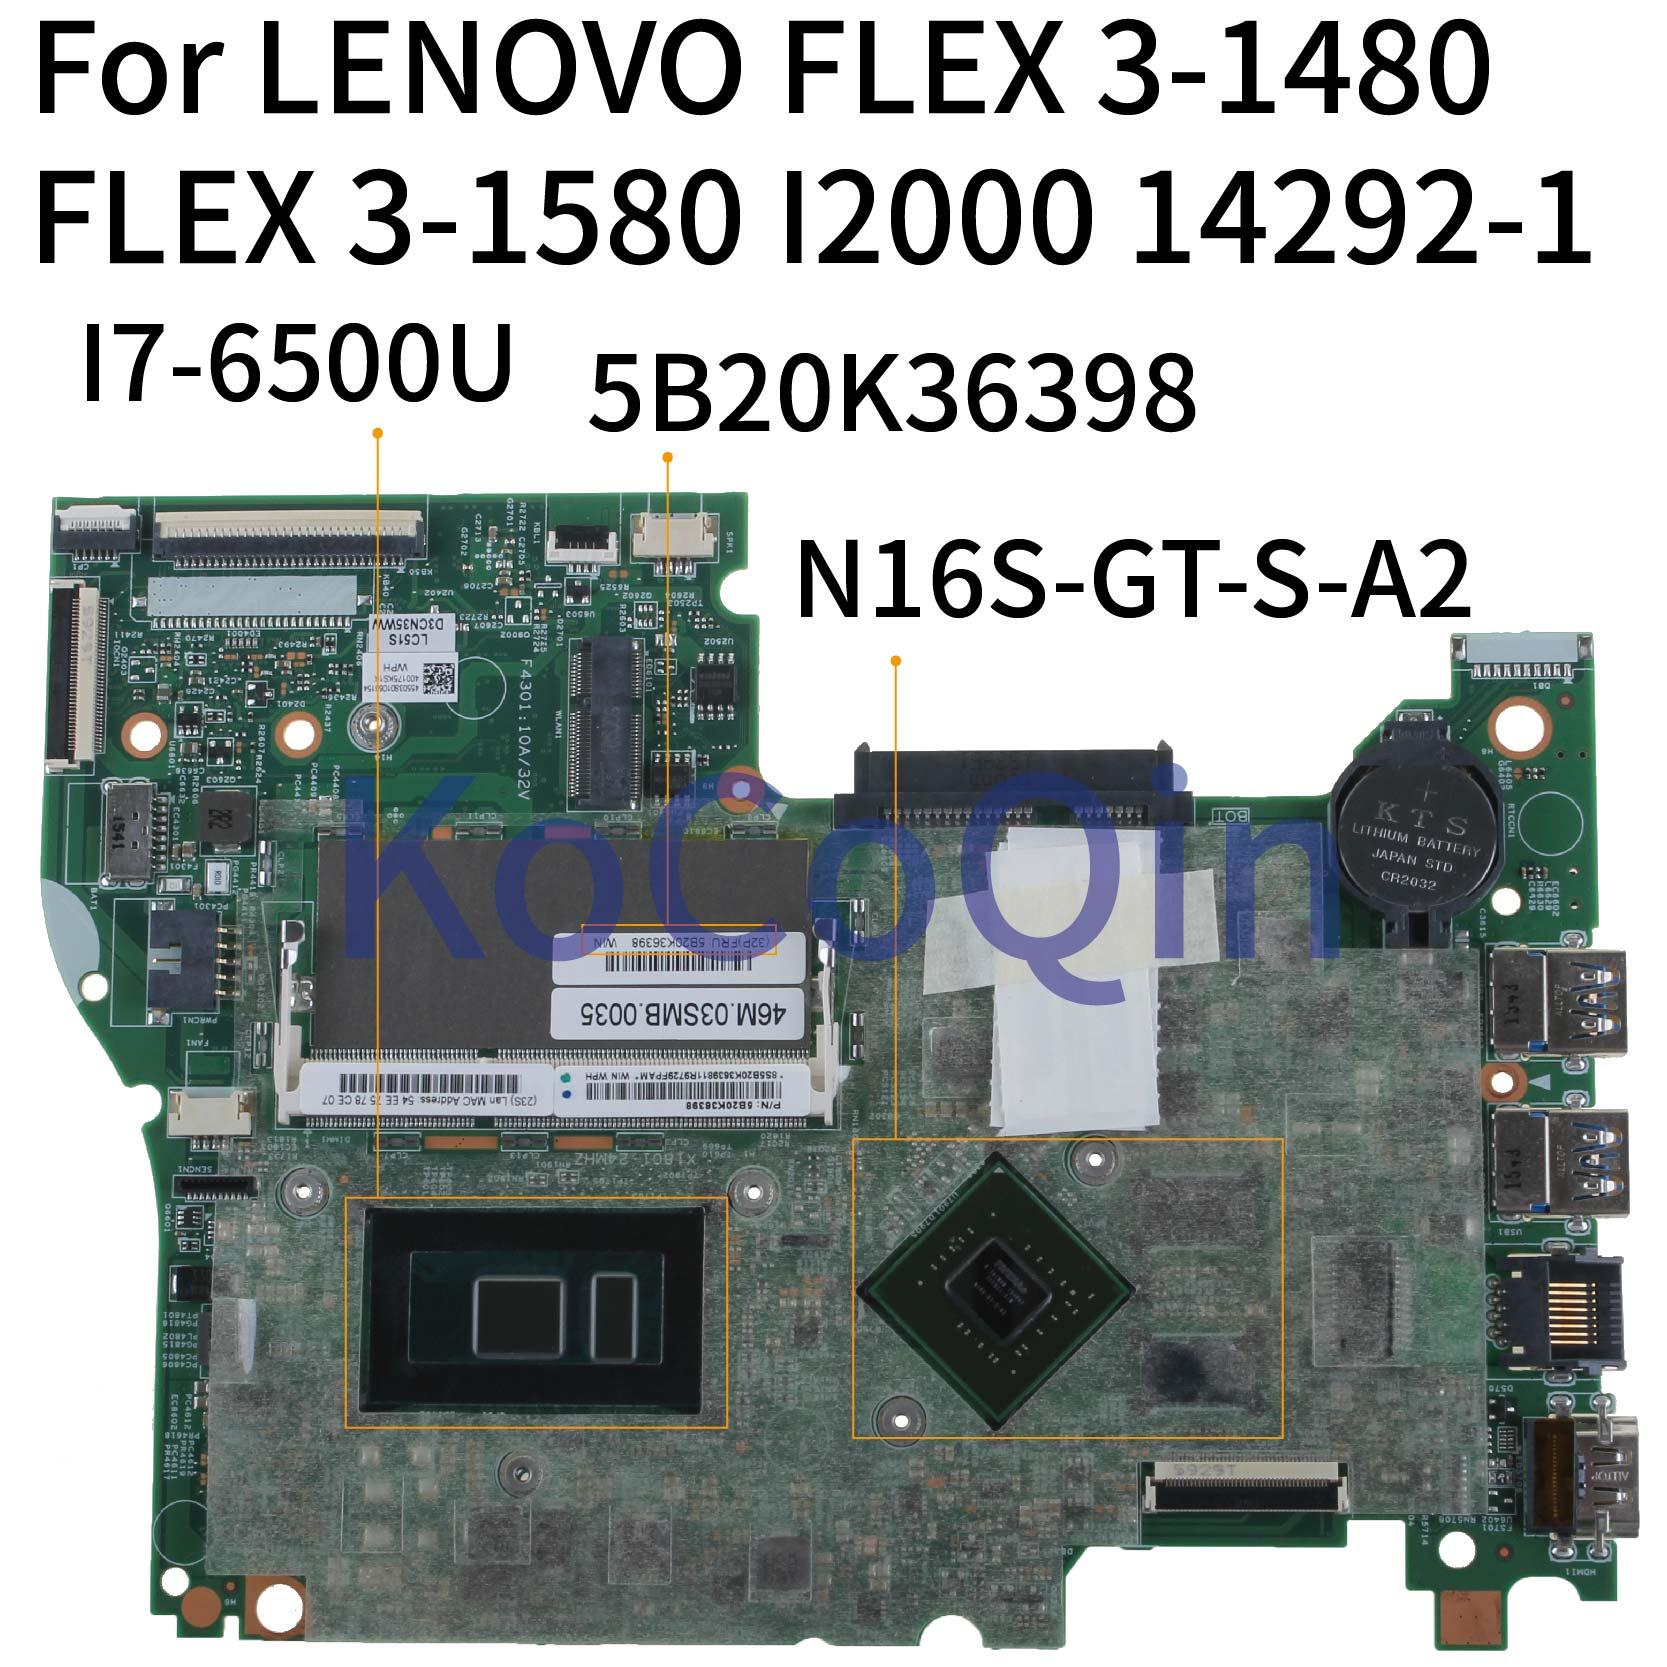 KoCoQin Laptop Motherboard For LENOVO YOGA 500-15ISK FLEX 3-1580 I7-6500U Mainboard 14292-1 448.06701.00 5B20K36398 N16S-GT-S-A2